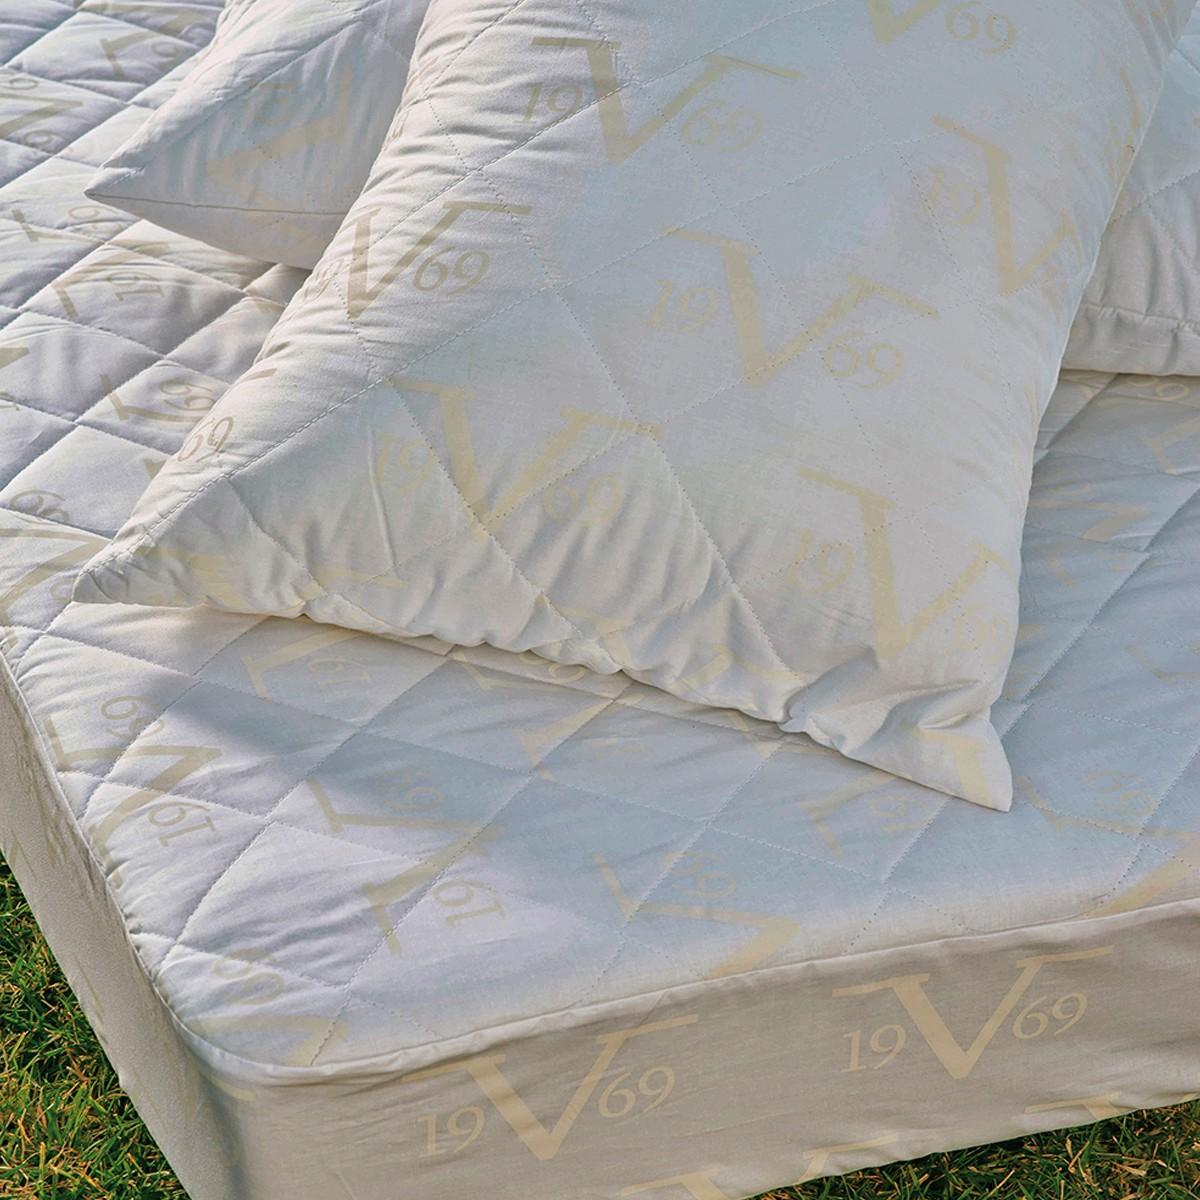 Μαξιλάρι Ύπνου Με Μπάλες Σιλικόνης La Luna Goodnight Firm 50x70